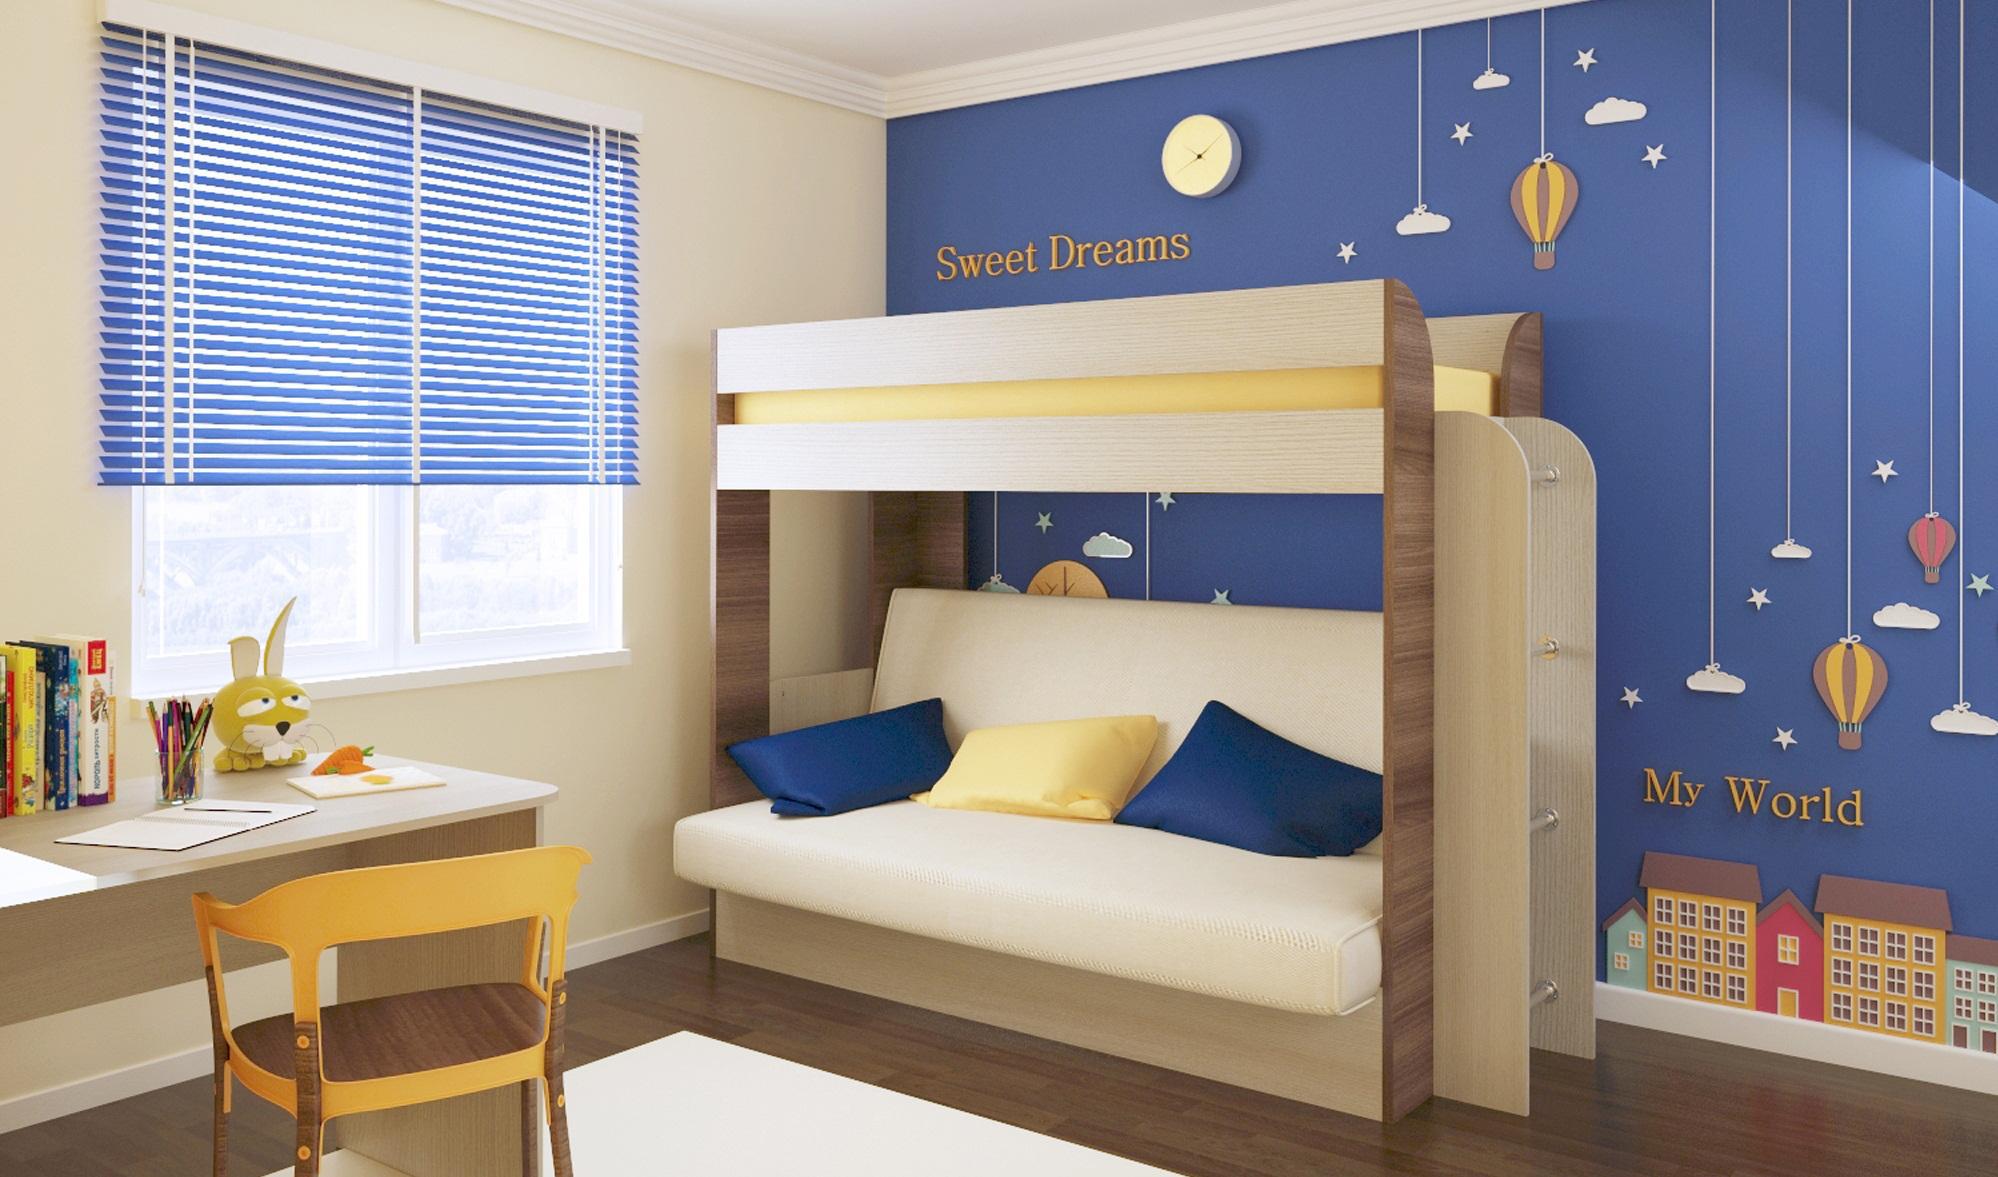 Выбираем двухъярусную кровать для девочек (43 фото): двухэтажные модели для двух девочек в интерьере комнаты